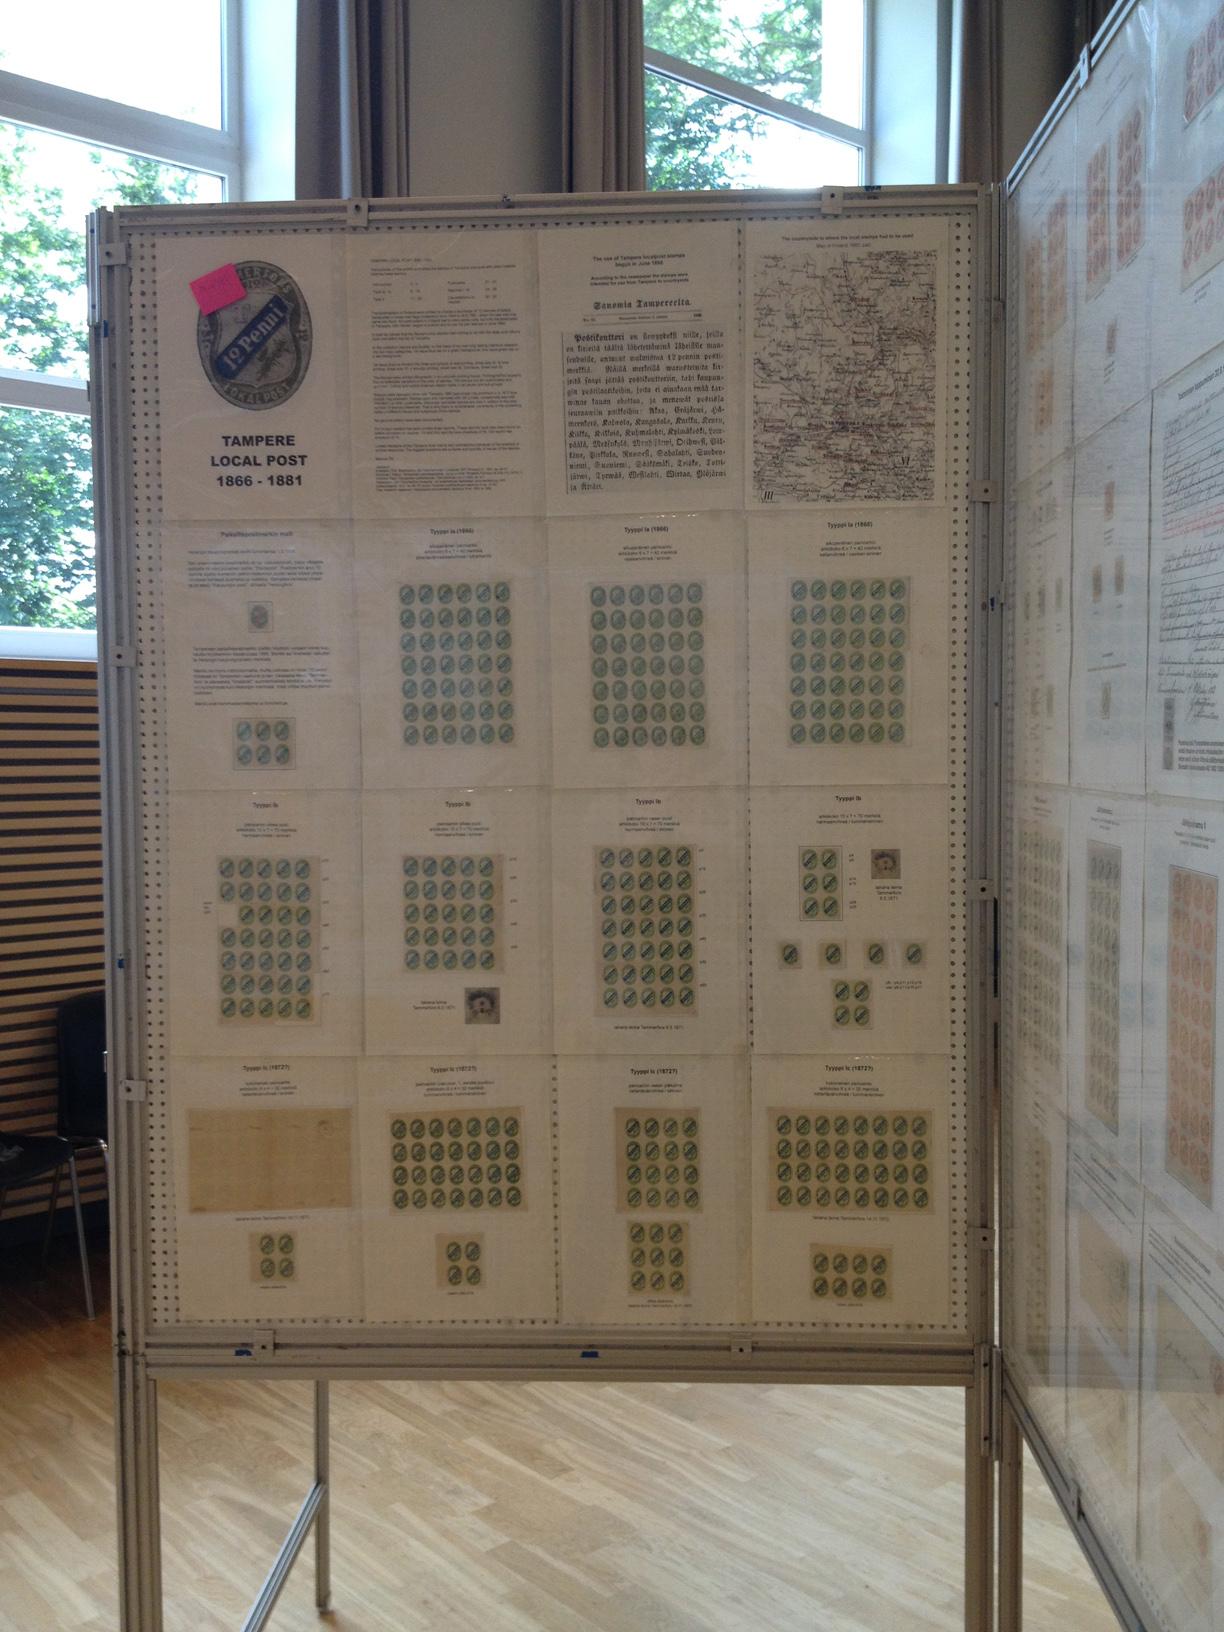 Стенд «Местная почта в Тампере» на выставке